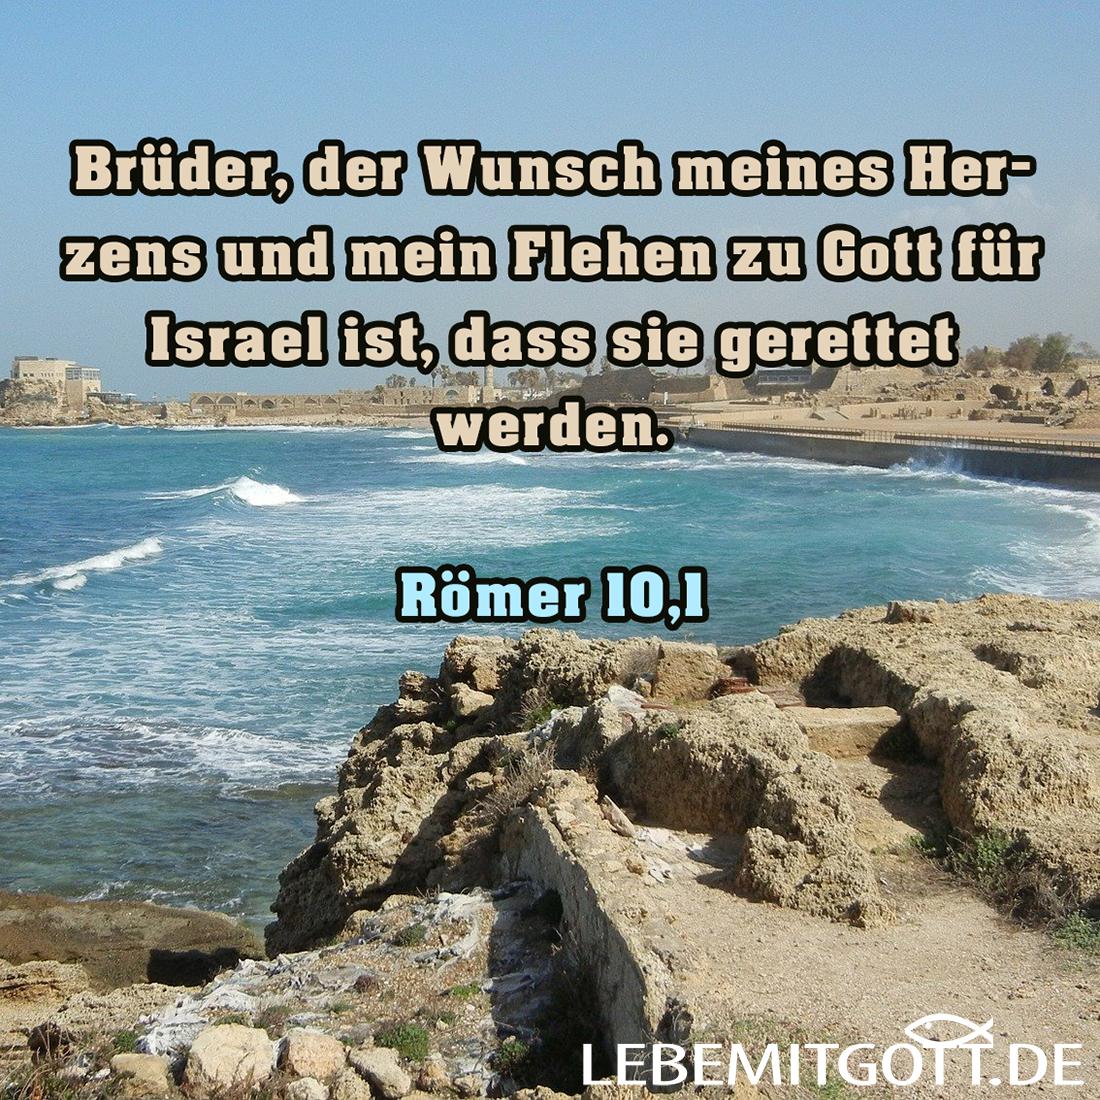 für Israel